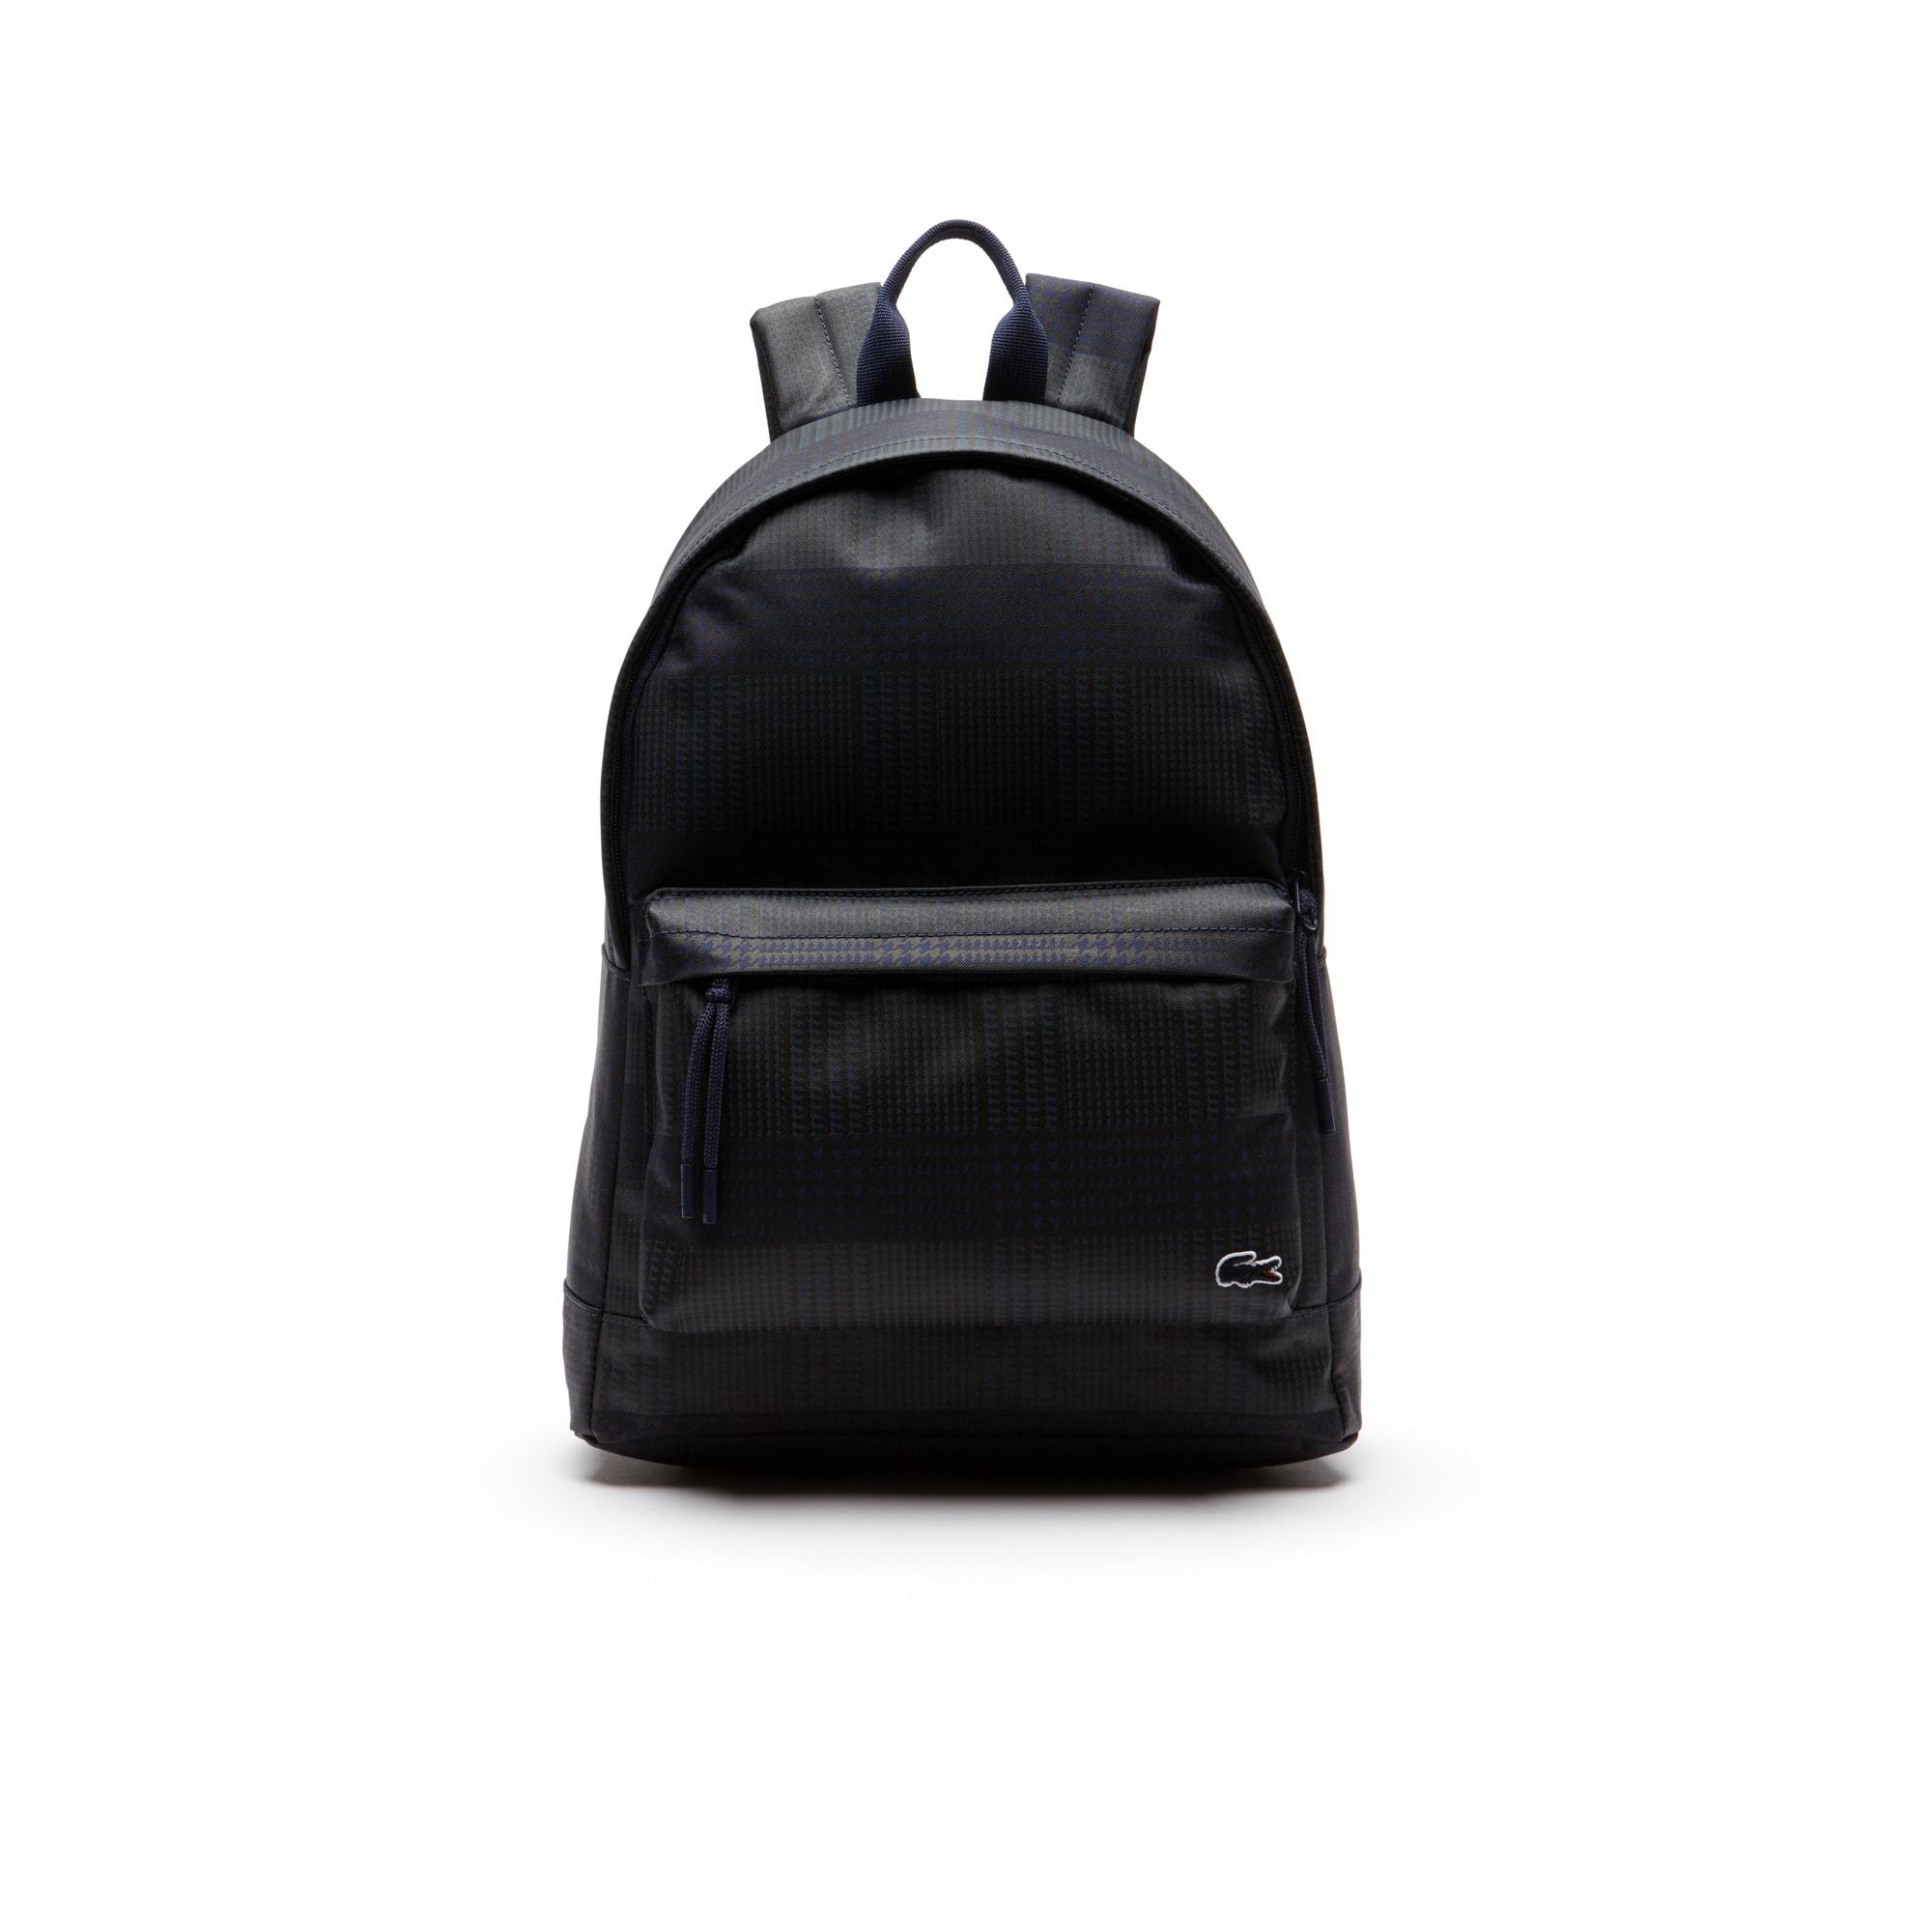 Men's Neocroc Graphic Print Backpack